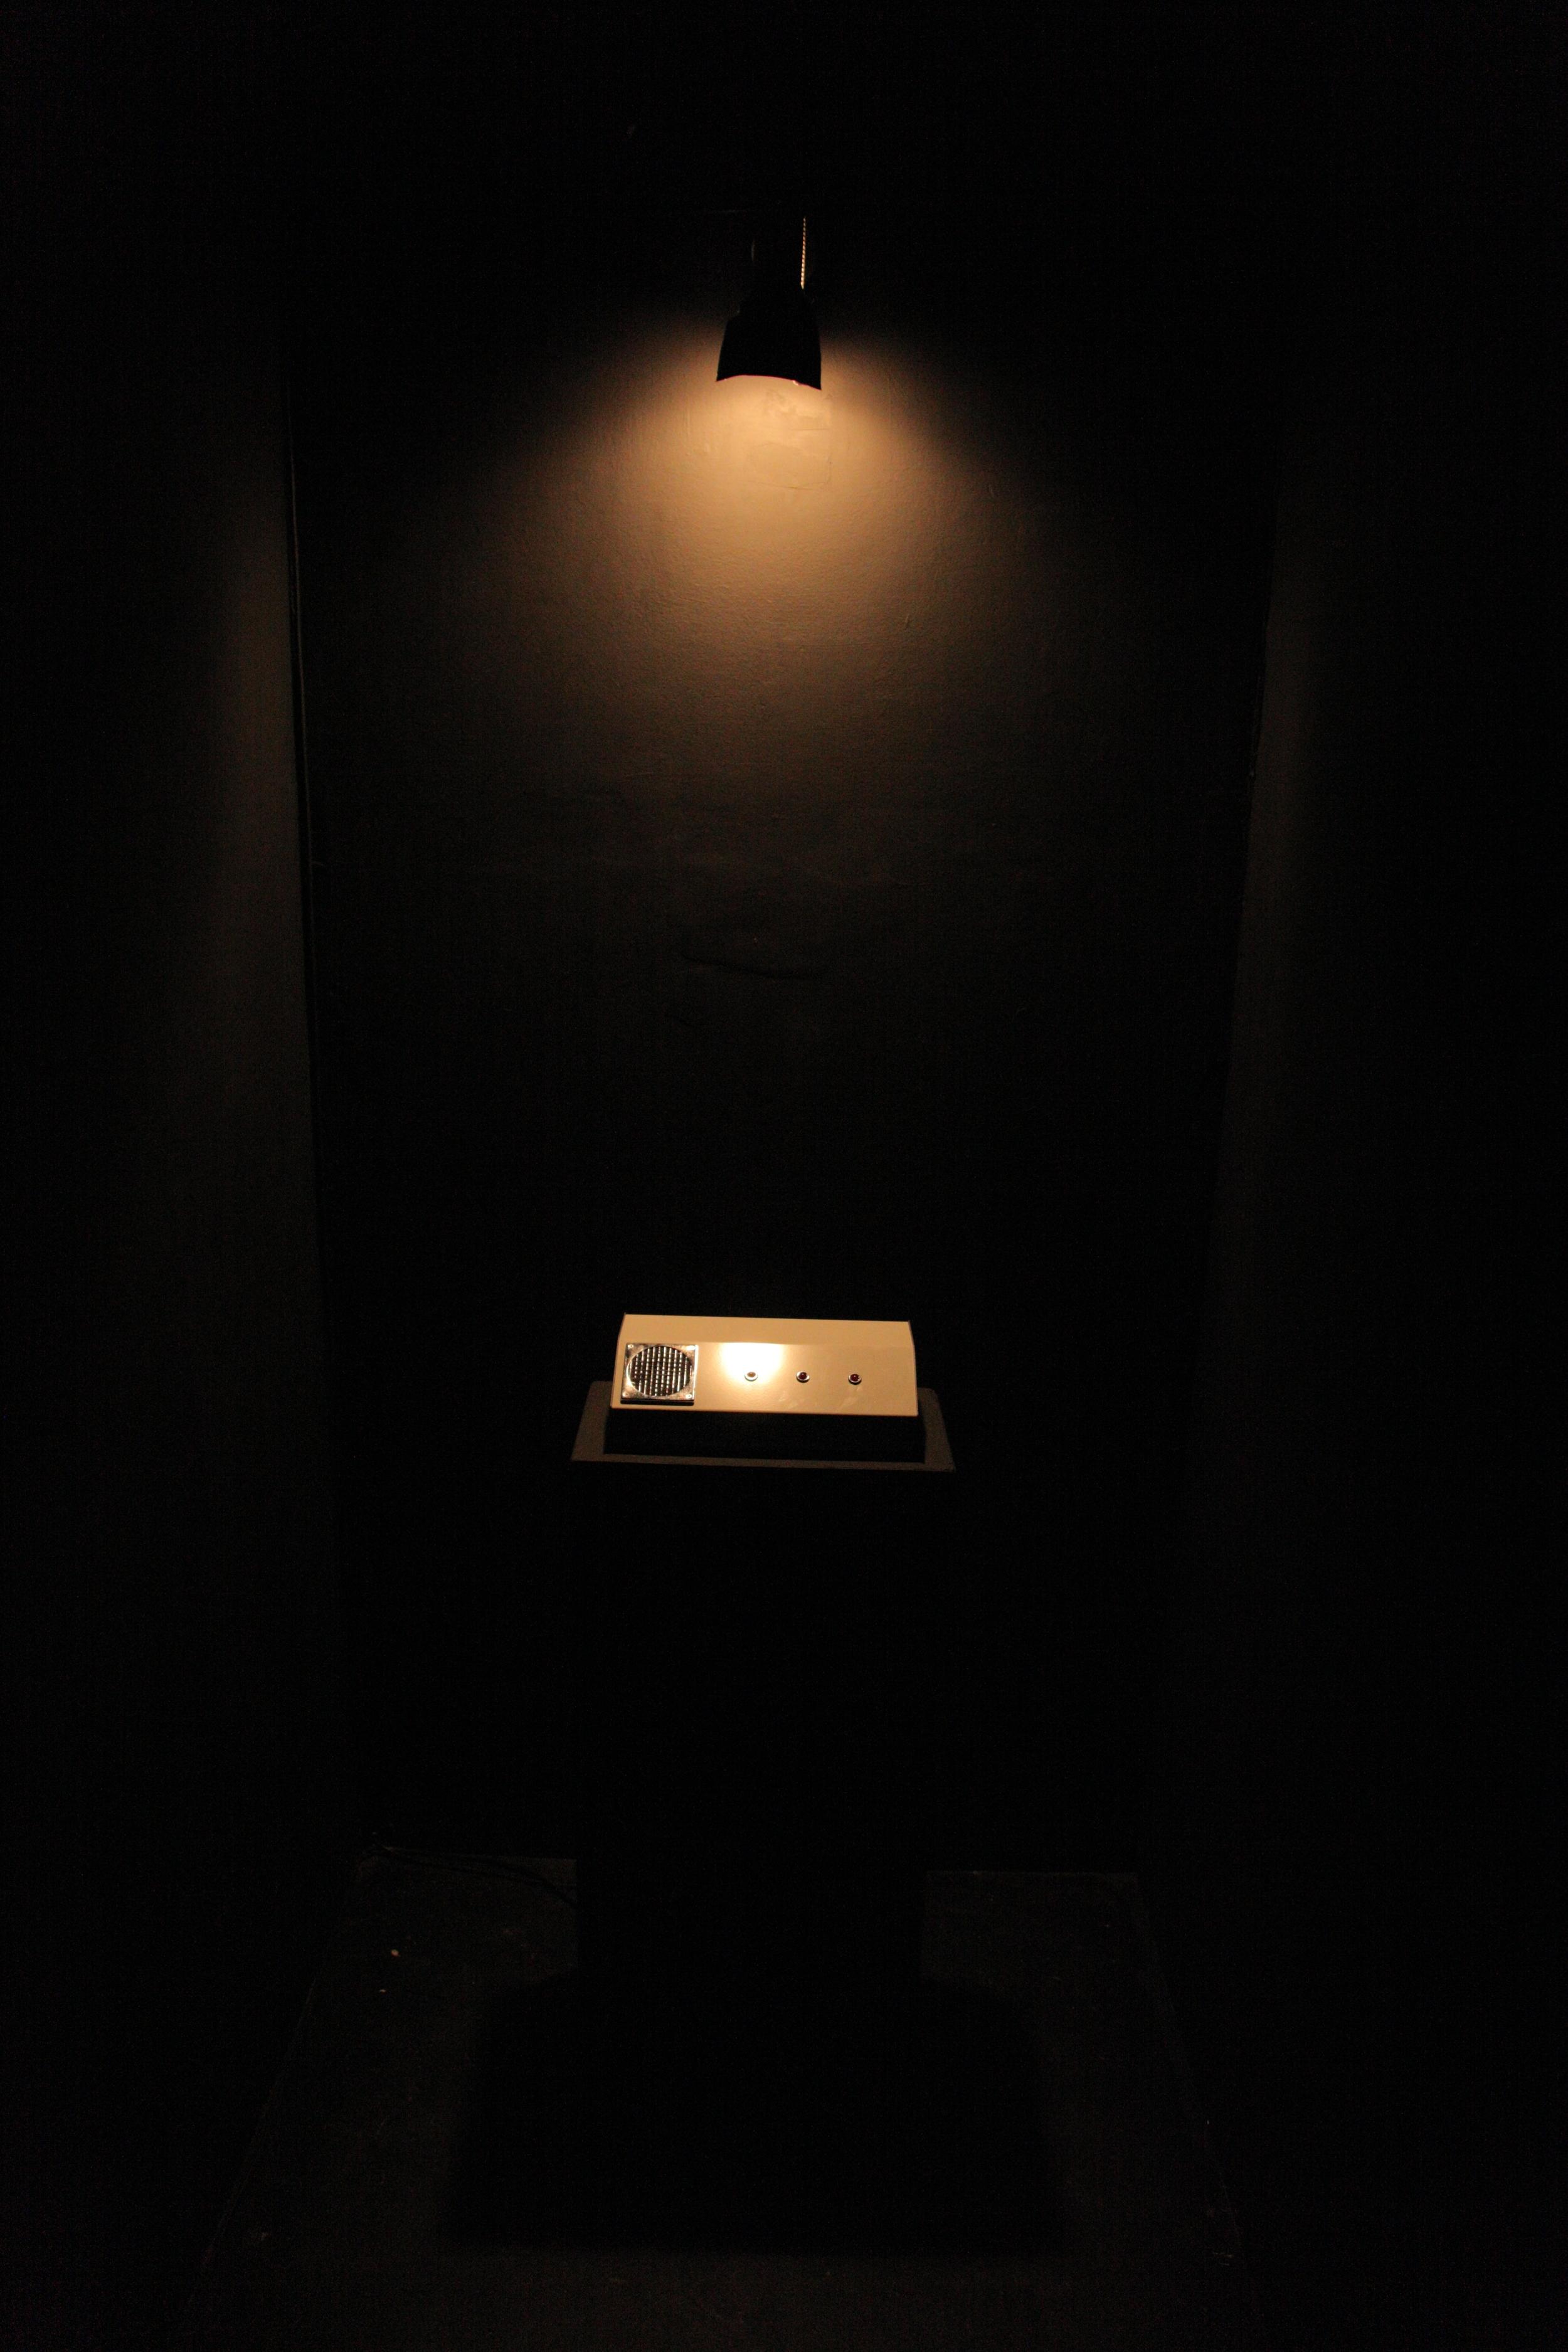 'Technotronic' by Tom Richards, Sho-Zyg, 2012